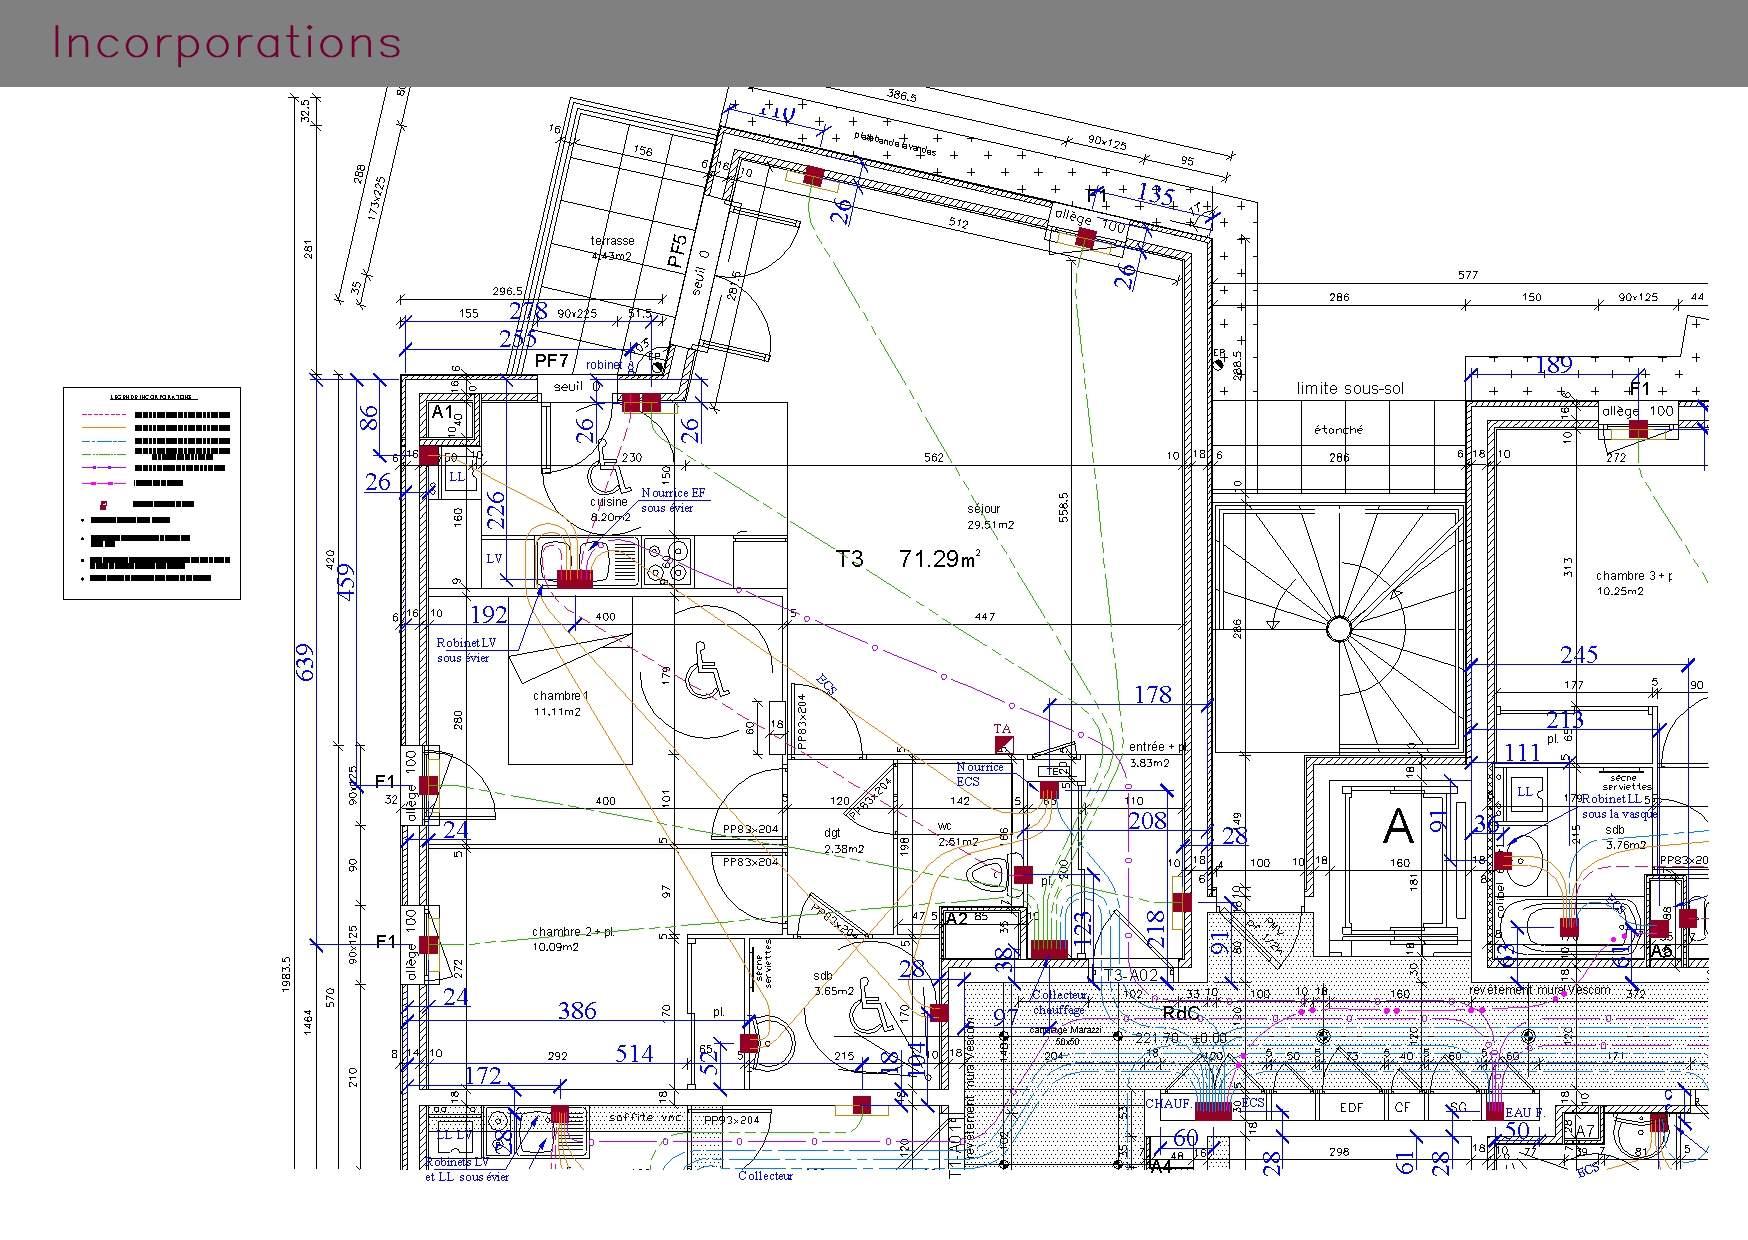 Plans d'incorporations